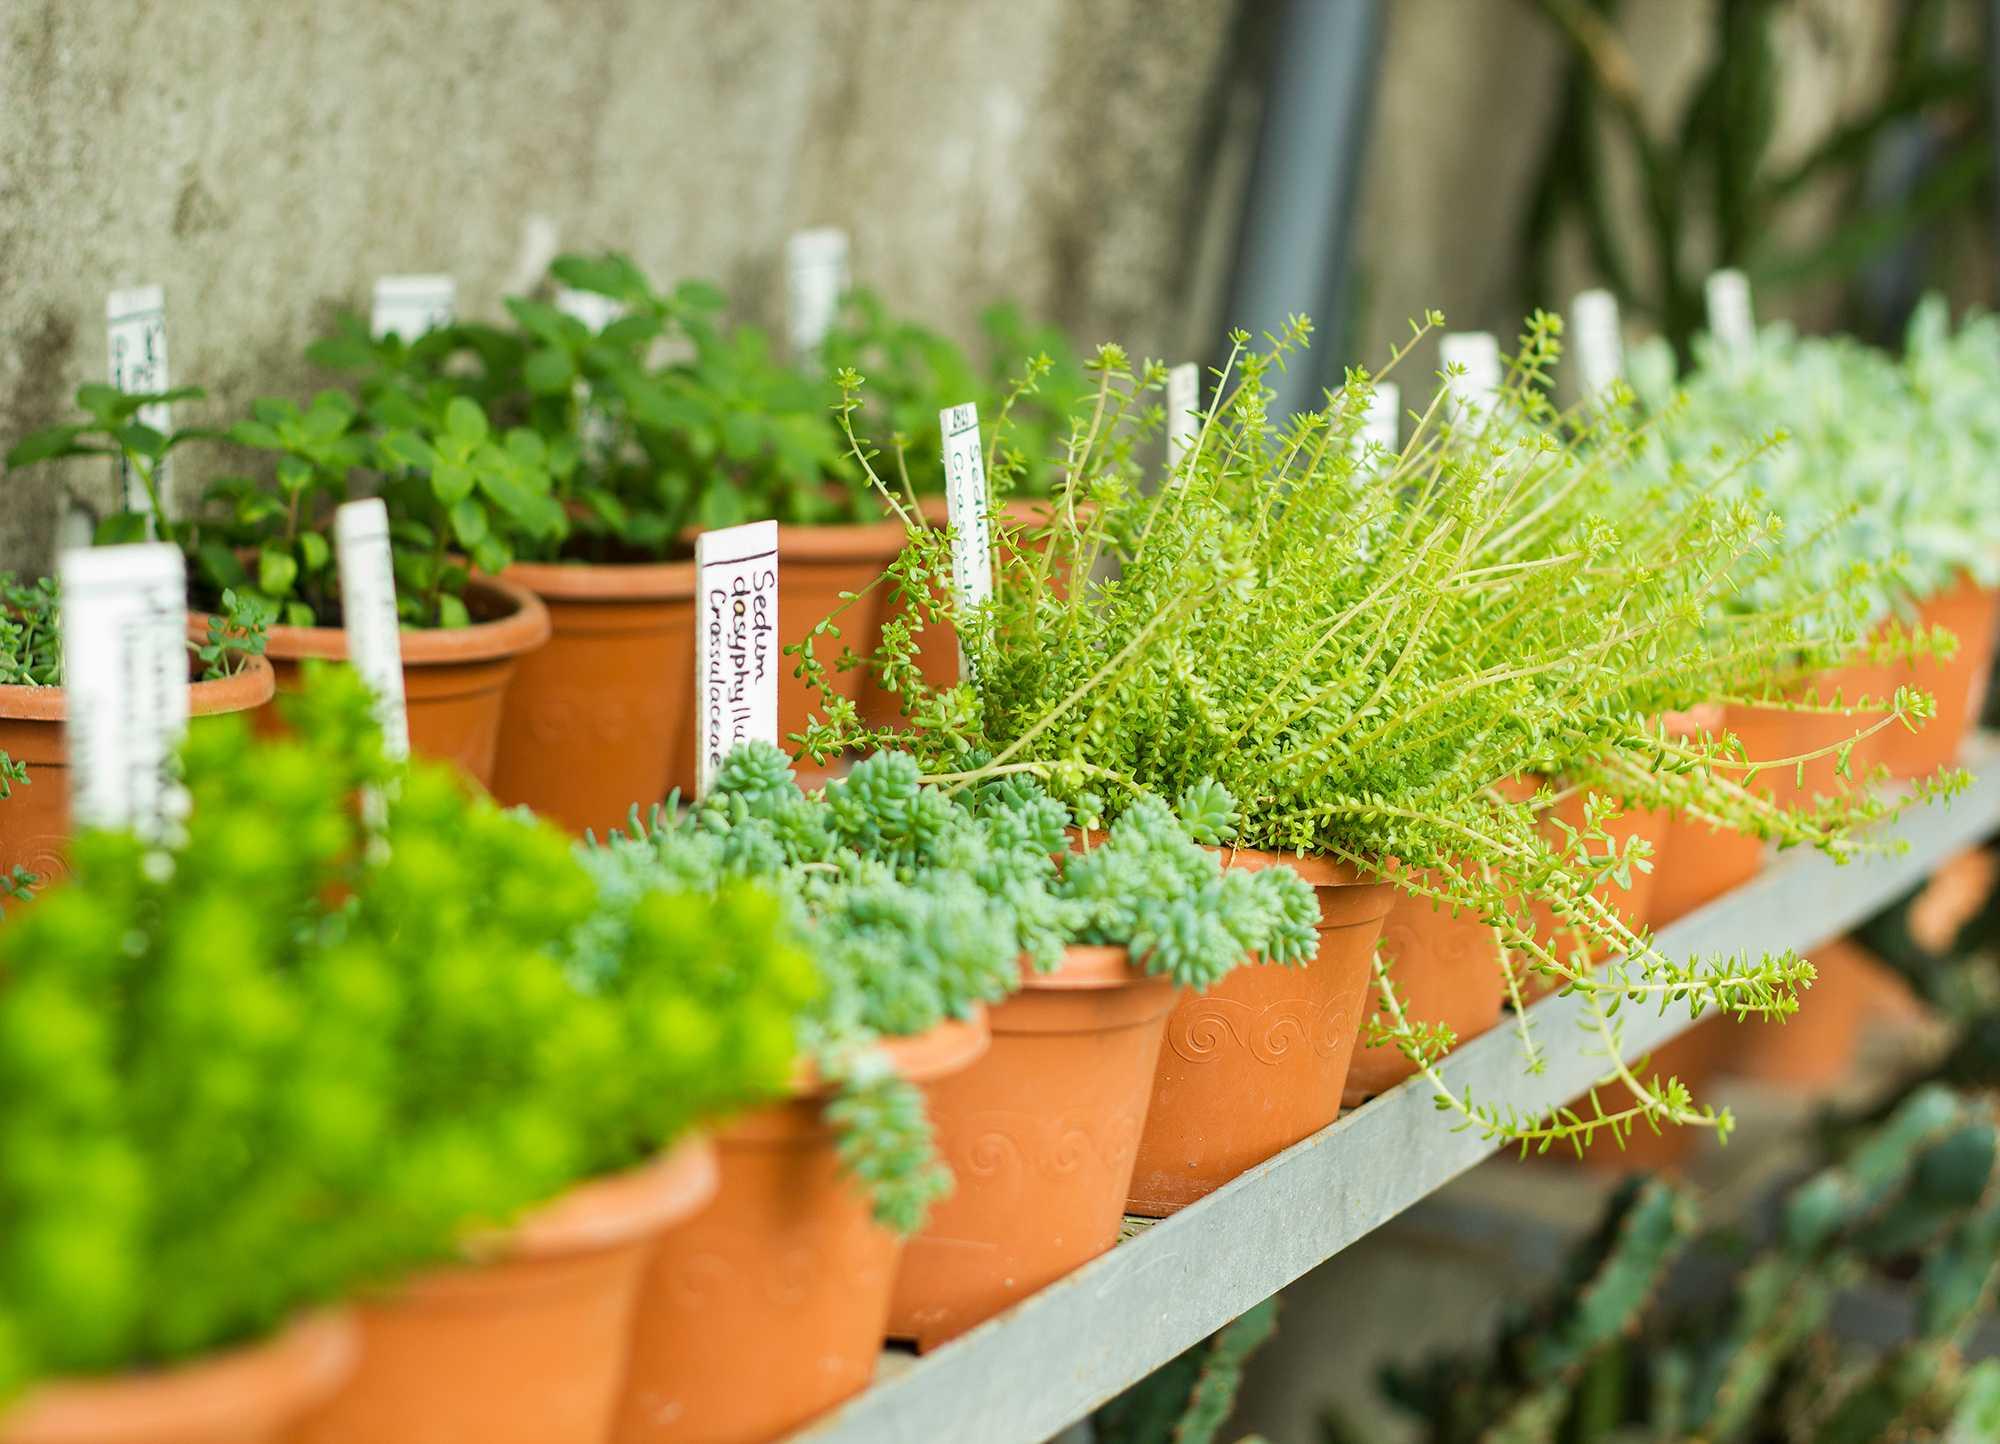 ¿Por qué tener un huerto en casa no es agricultura ecológica?